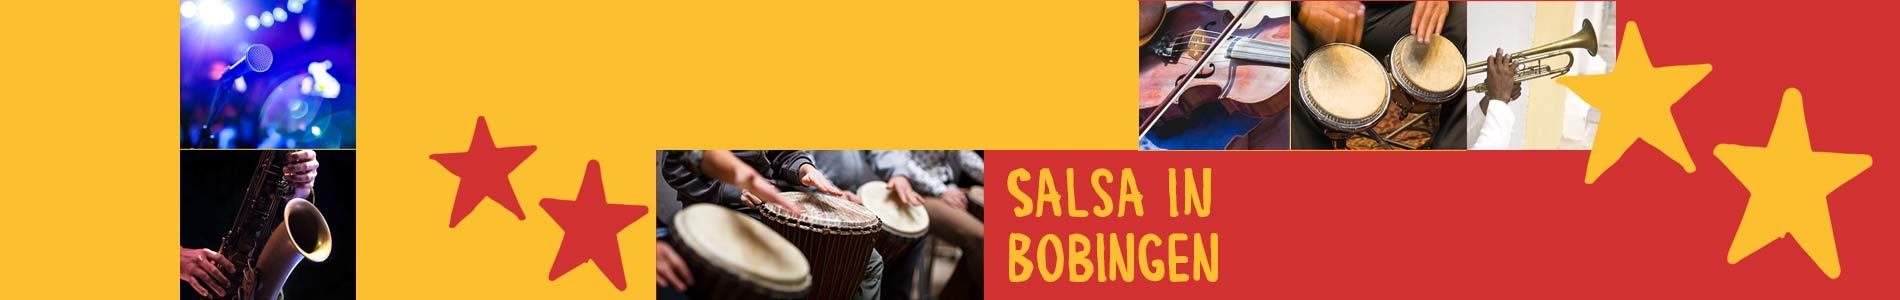 Salsa in Bobingen – Salsa lernen und tanzen, Tanzkurse, Partys, Veranstaltungen